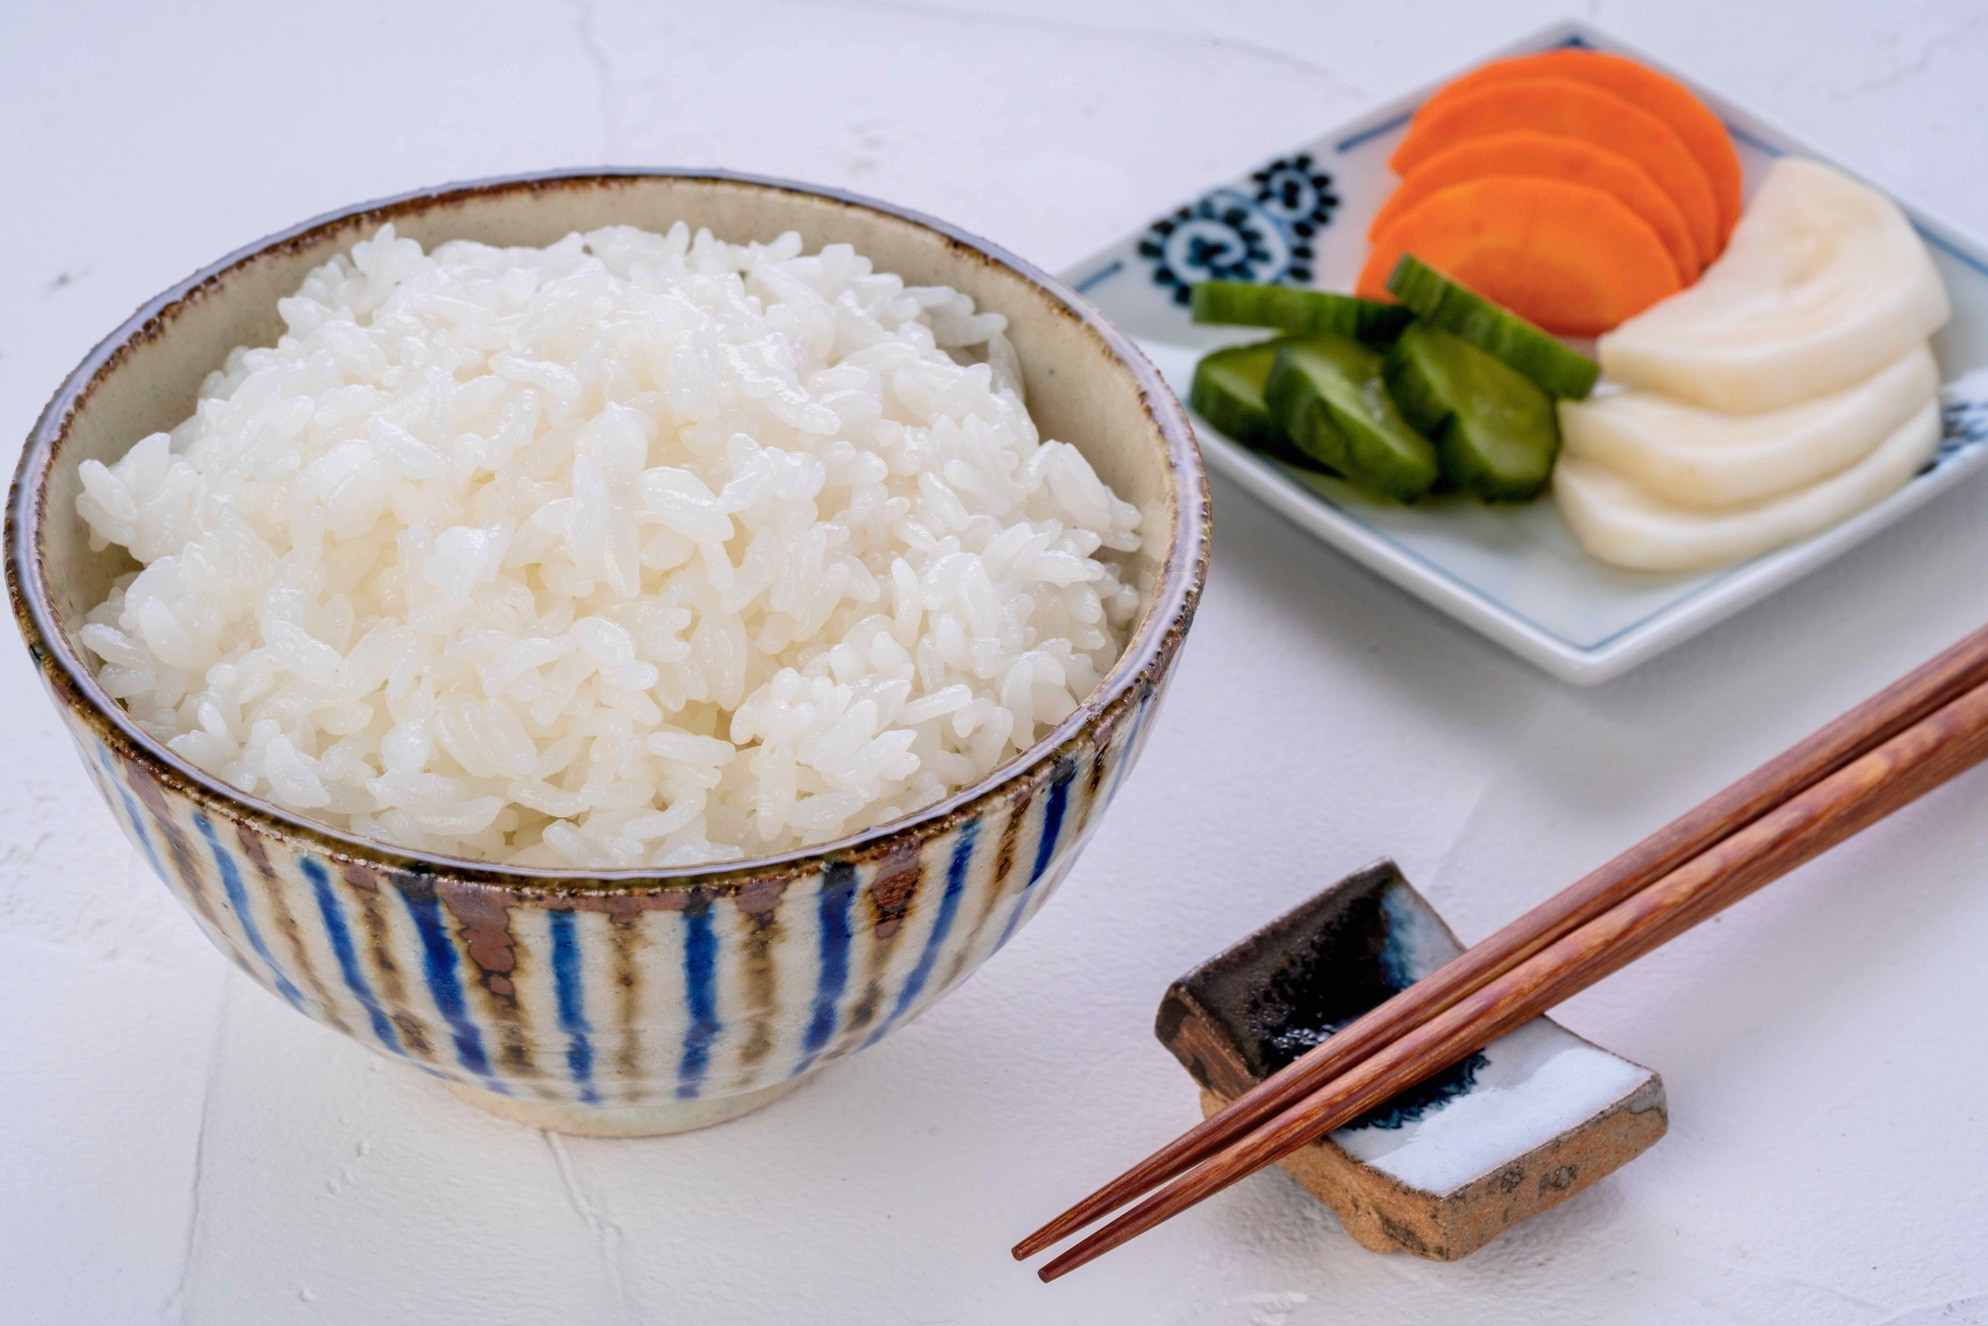 白飯と糠漬け,小坂農園のゆきさやかの炊きたてご飯と漬物